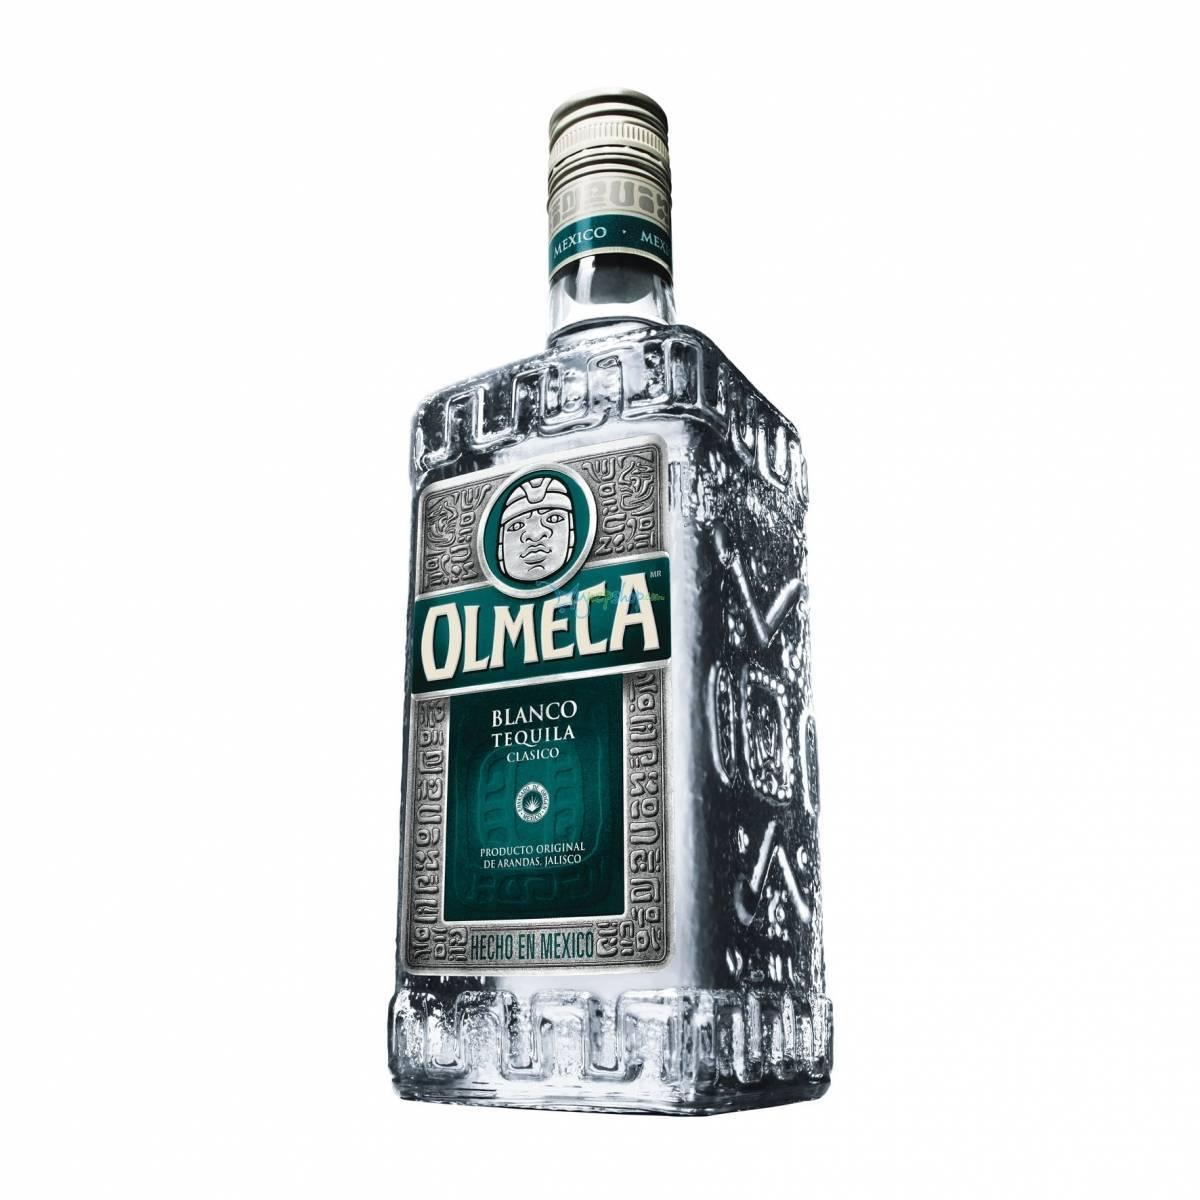 Текила ольмека (olmeca) — обзор, как выбрать и отличить подделку, описание и история